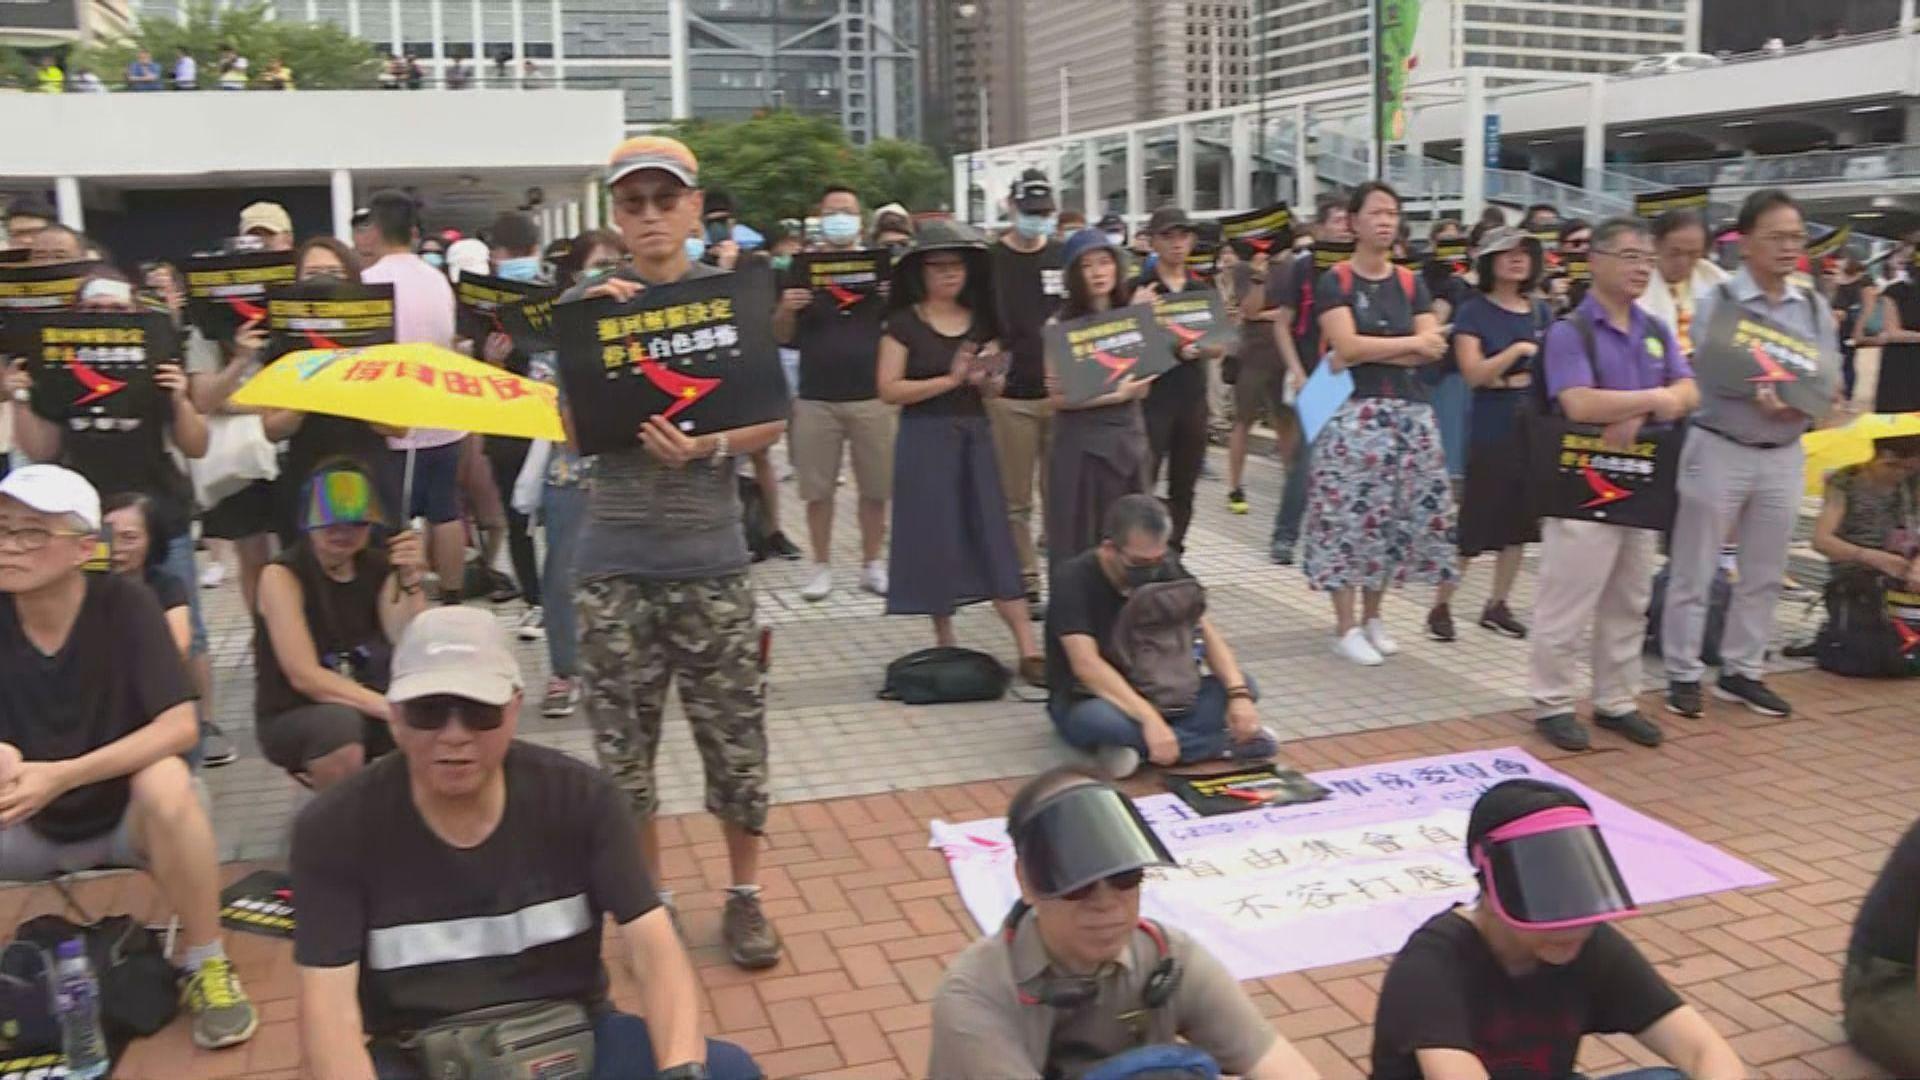 職工盟舉行集會聲援國泰被解僱員工